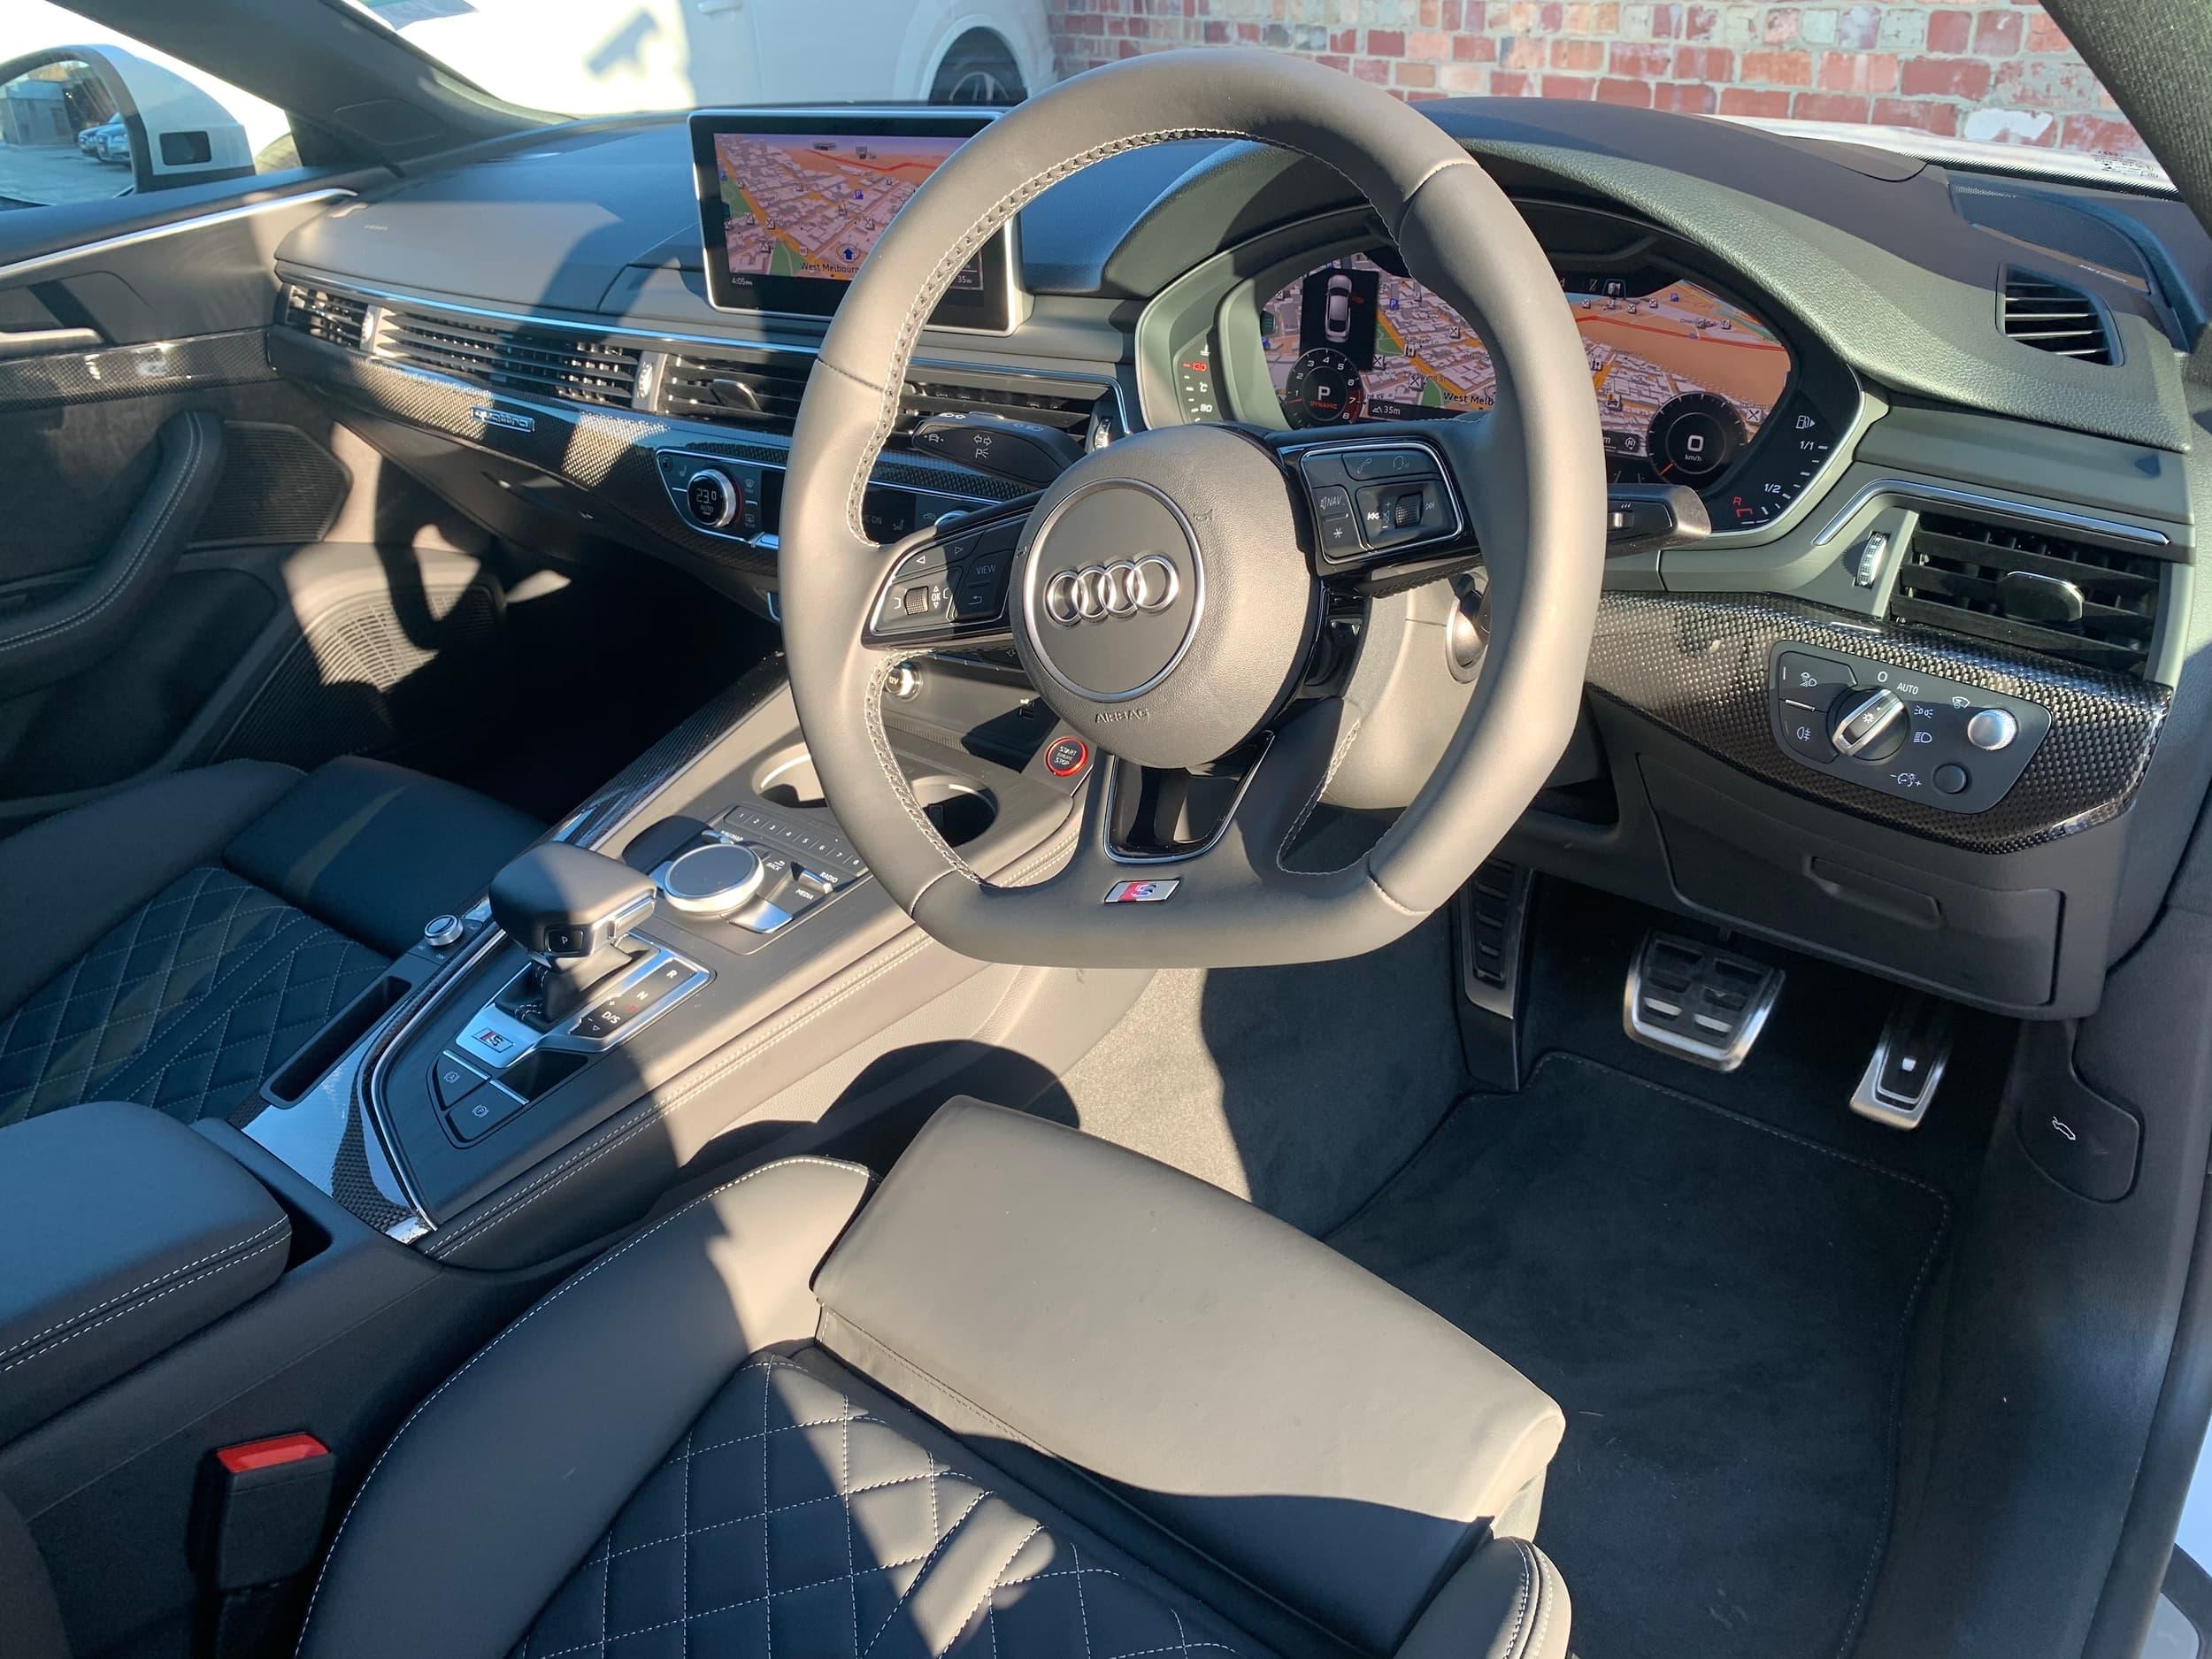 2019 Audi S5 Auto quattro MY19 - image 10